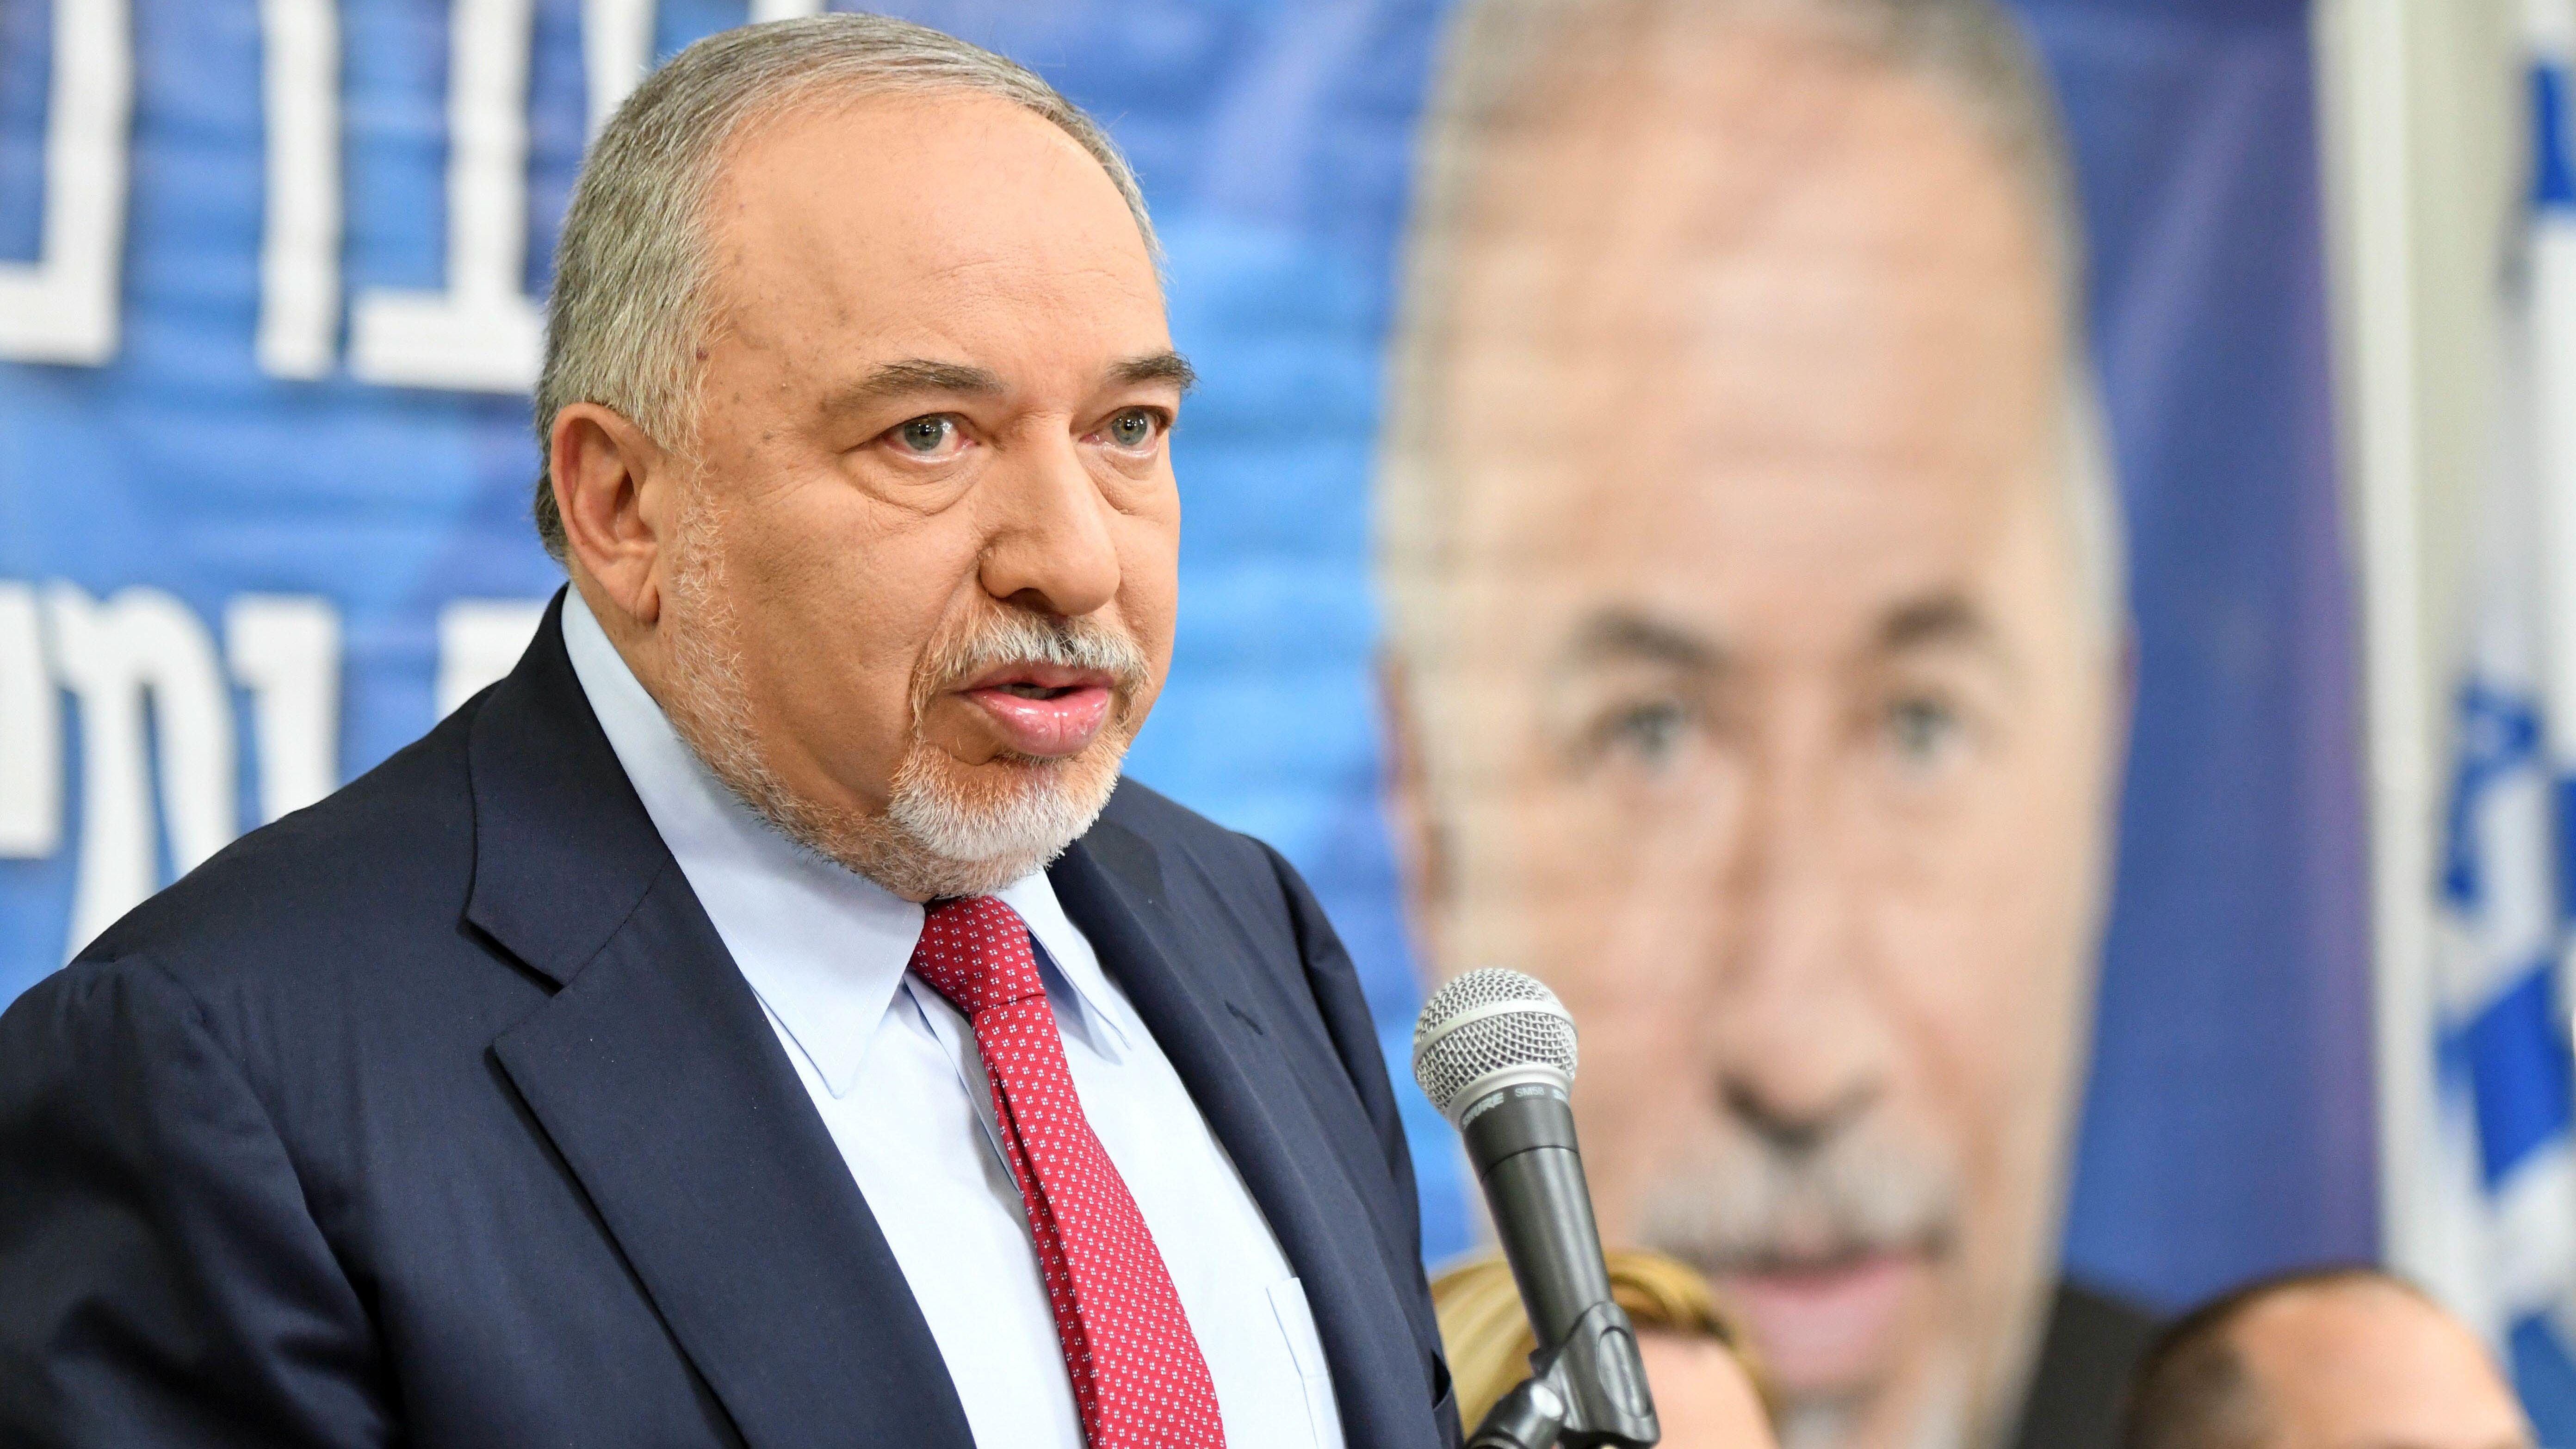 Der israelischer Politiker Avigdor Lieberman